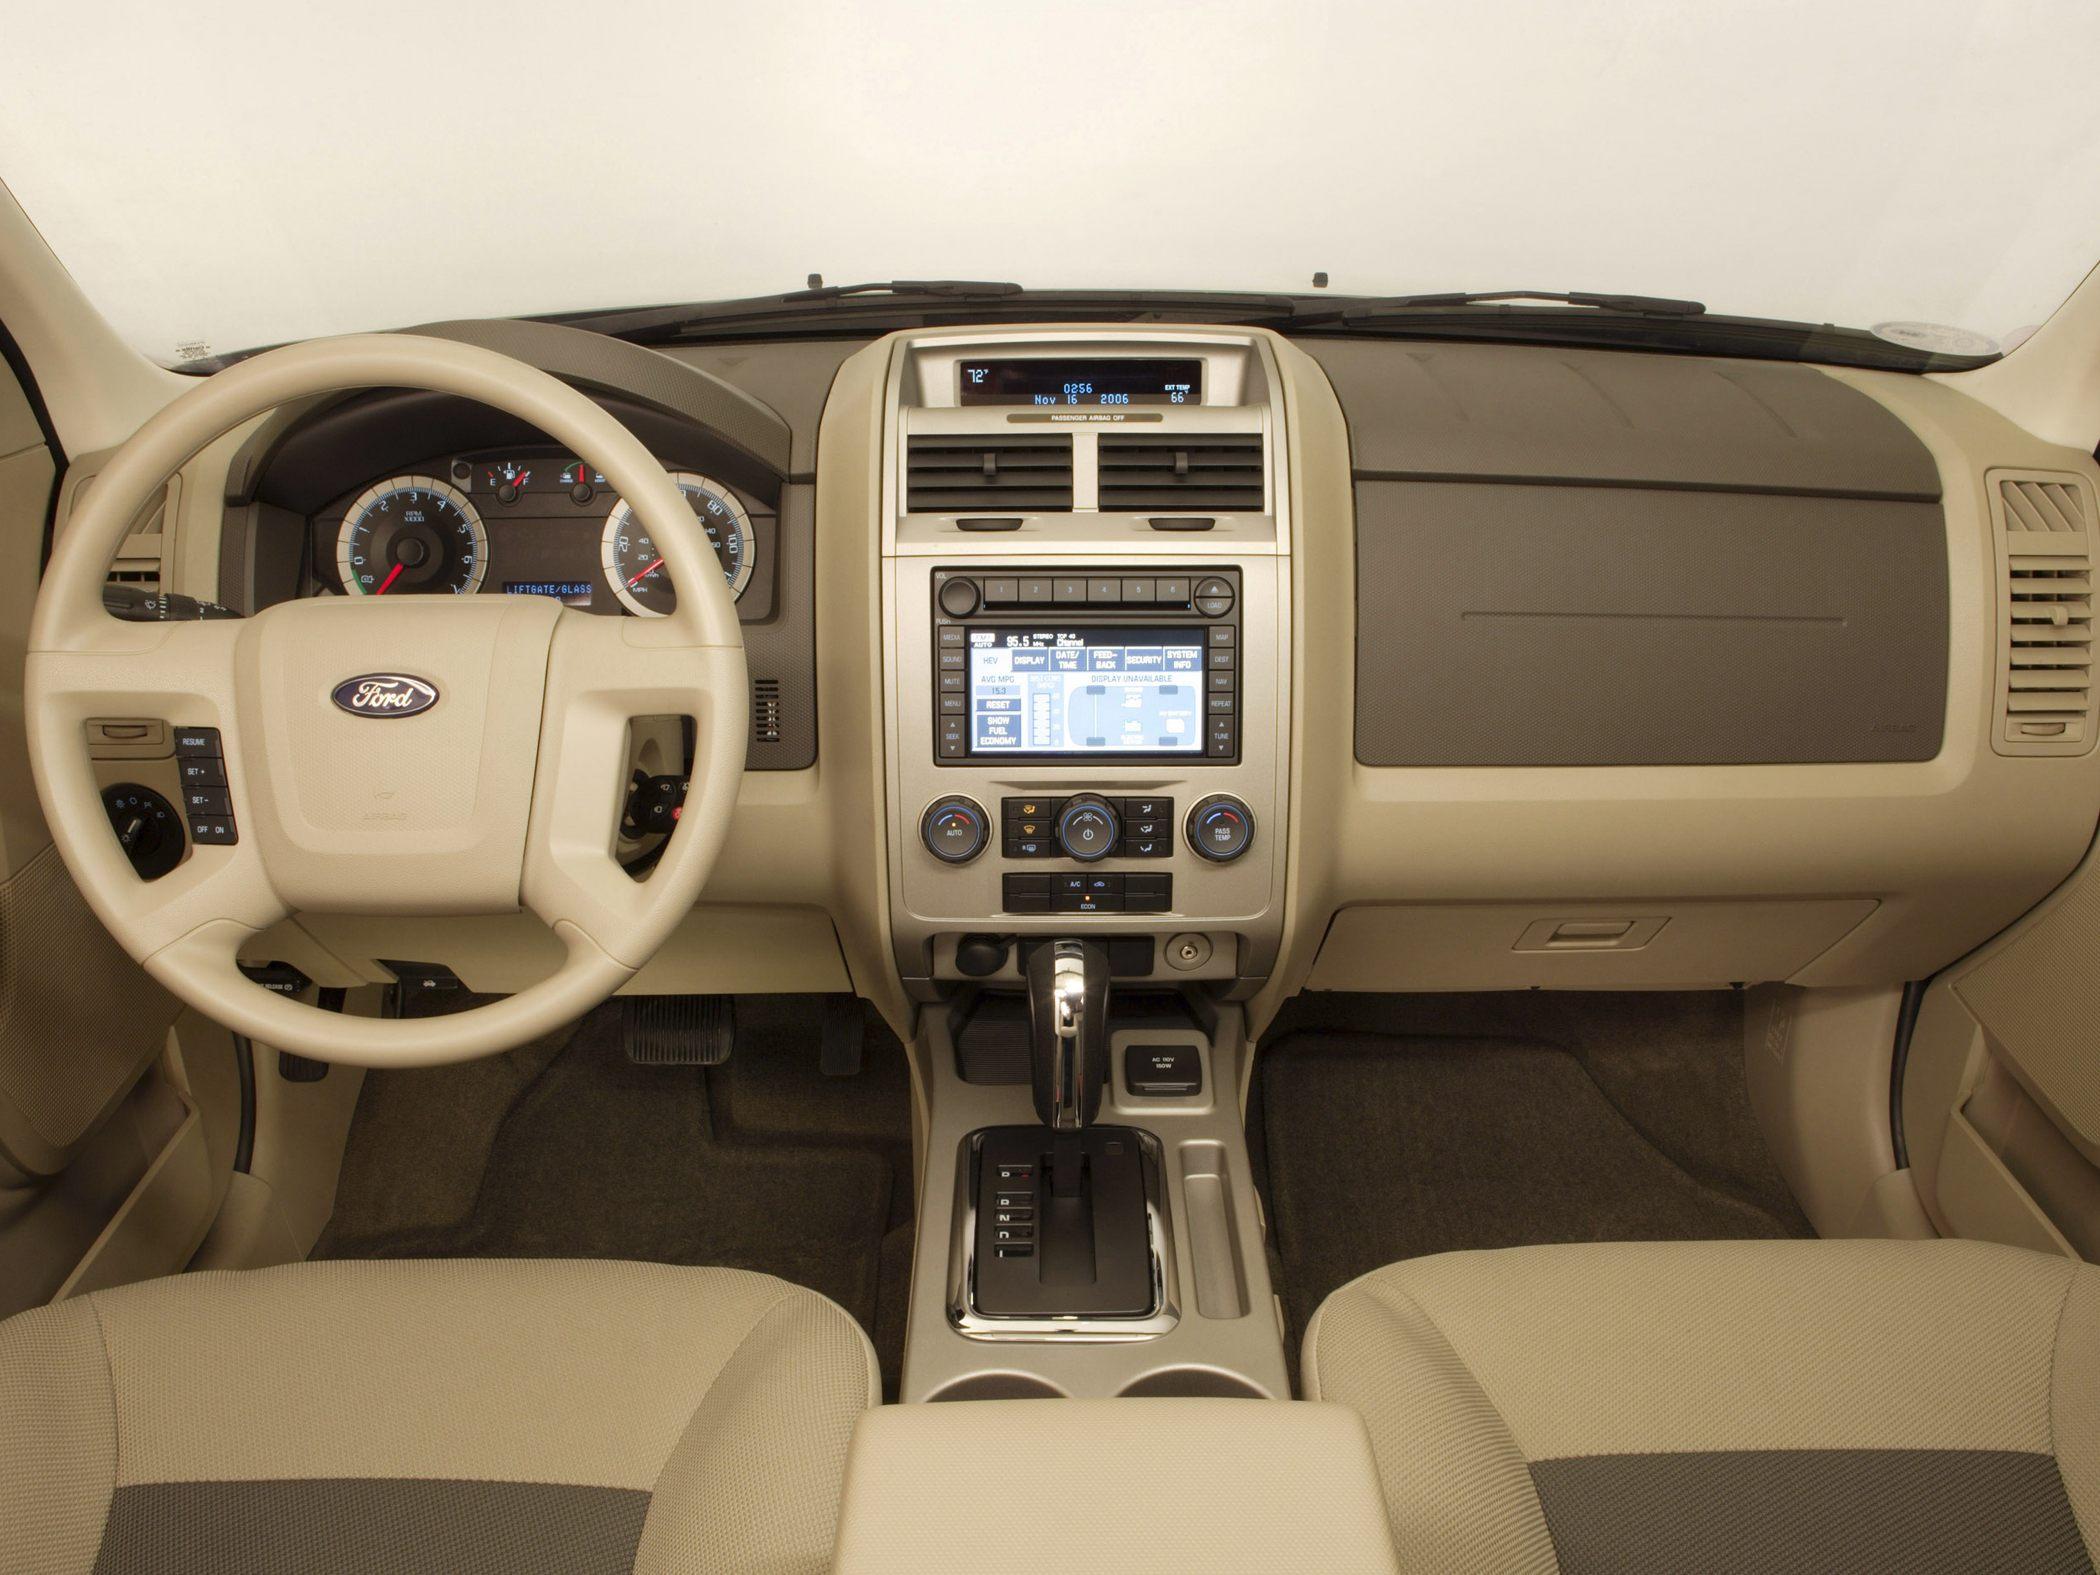 2012 Ford Escape Image 10